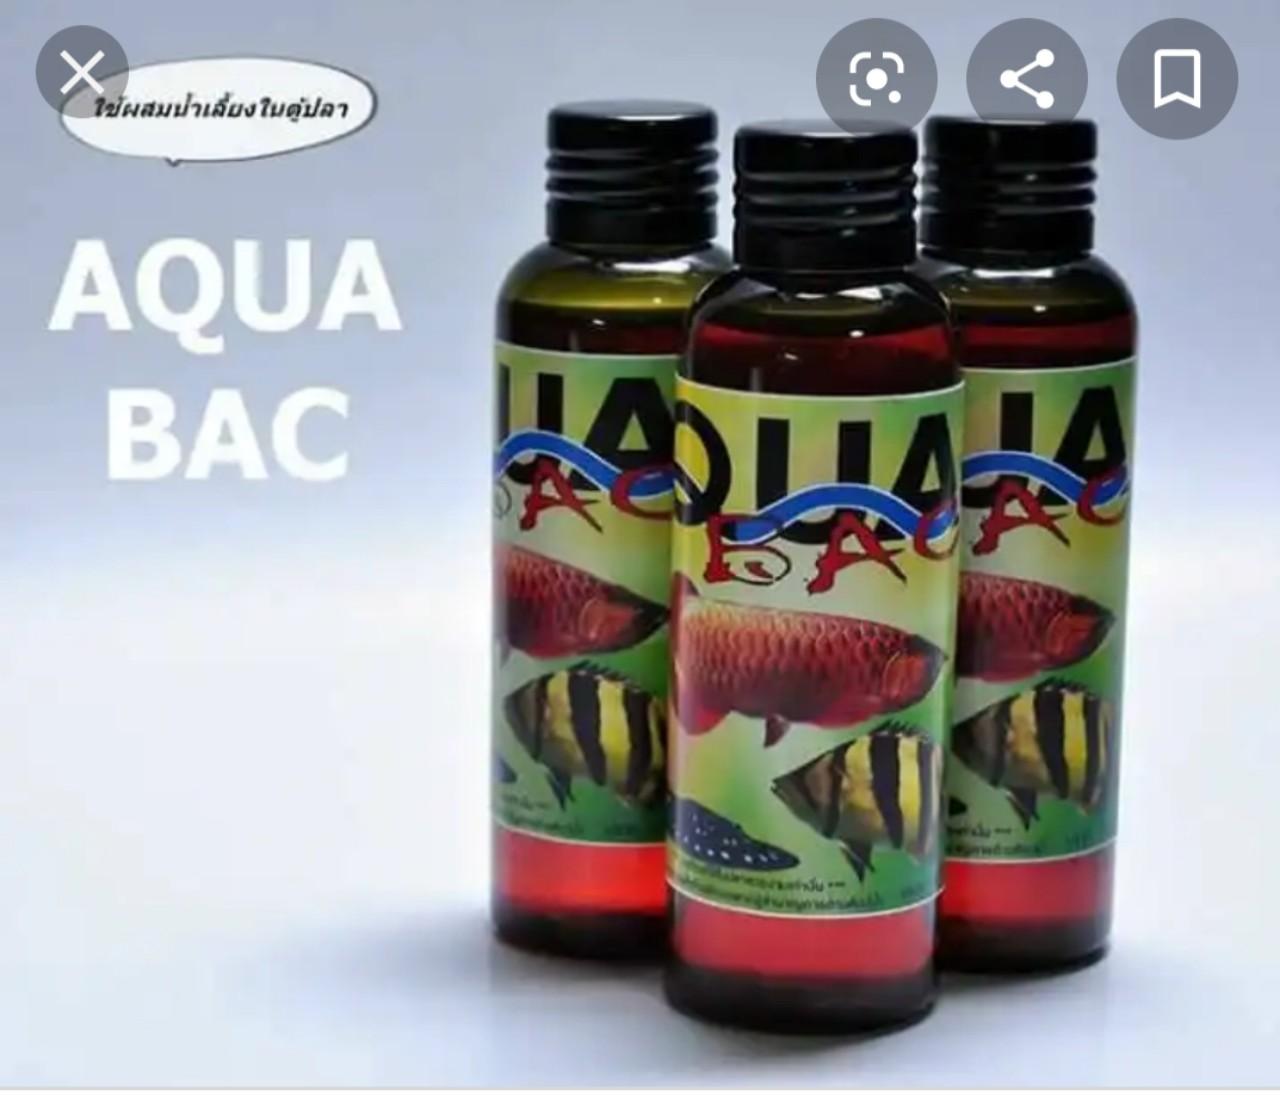 Thuốc chữa bệnh cá Rồng – Hổ – Sam Aqua Bac (Thái Lan)